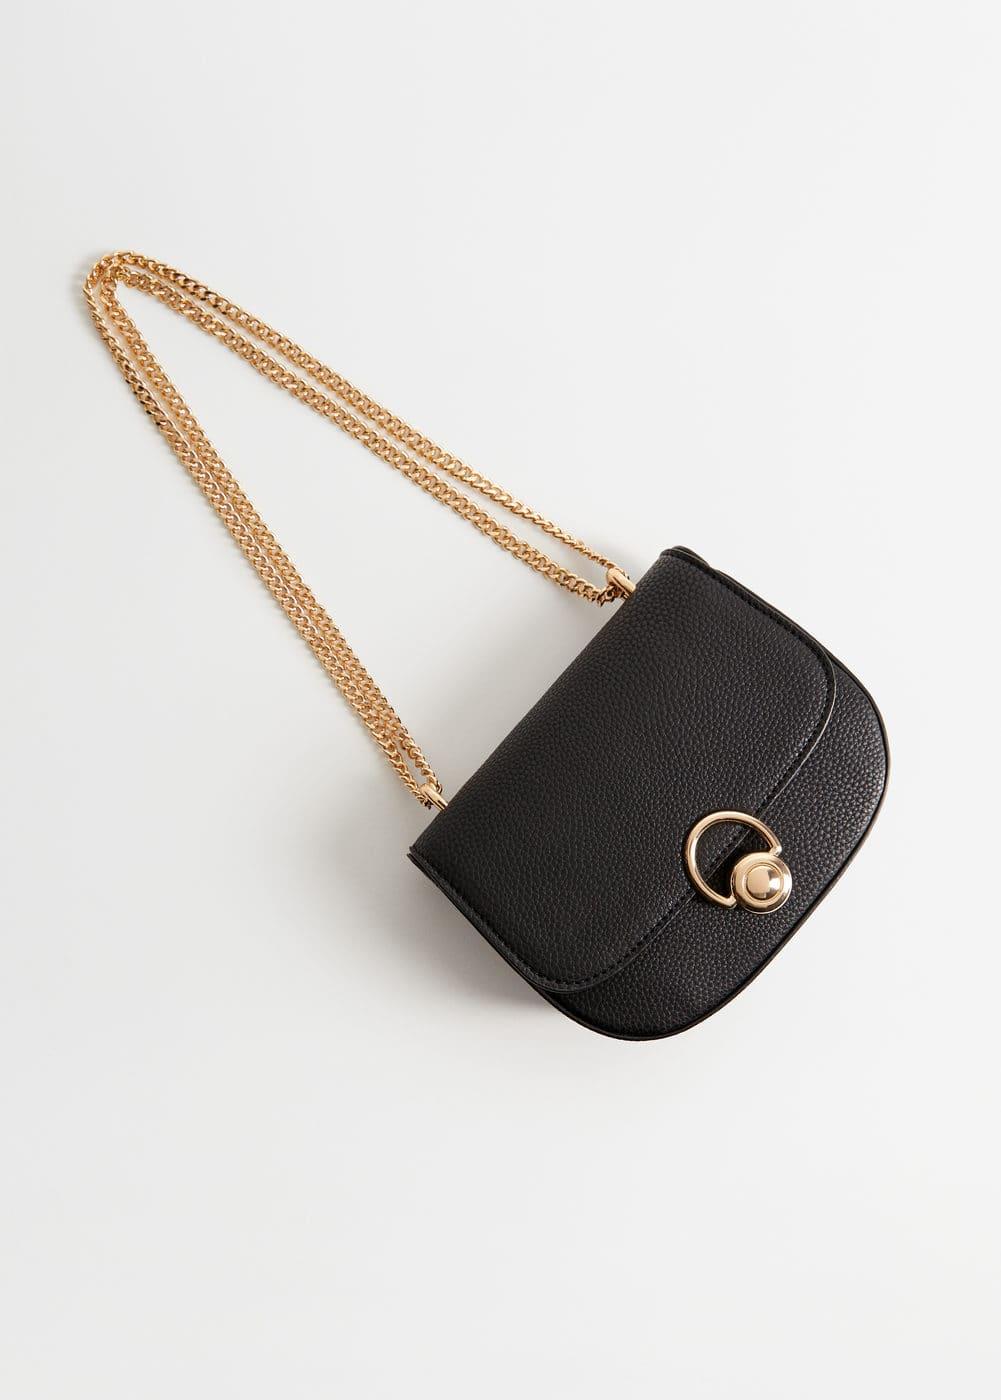 m-penedes:bolso cruzado textura